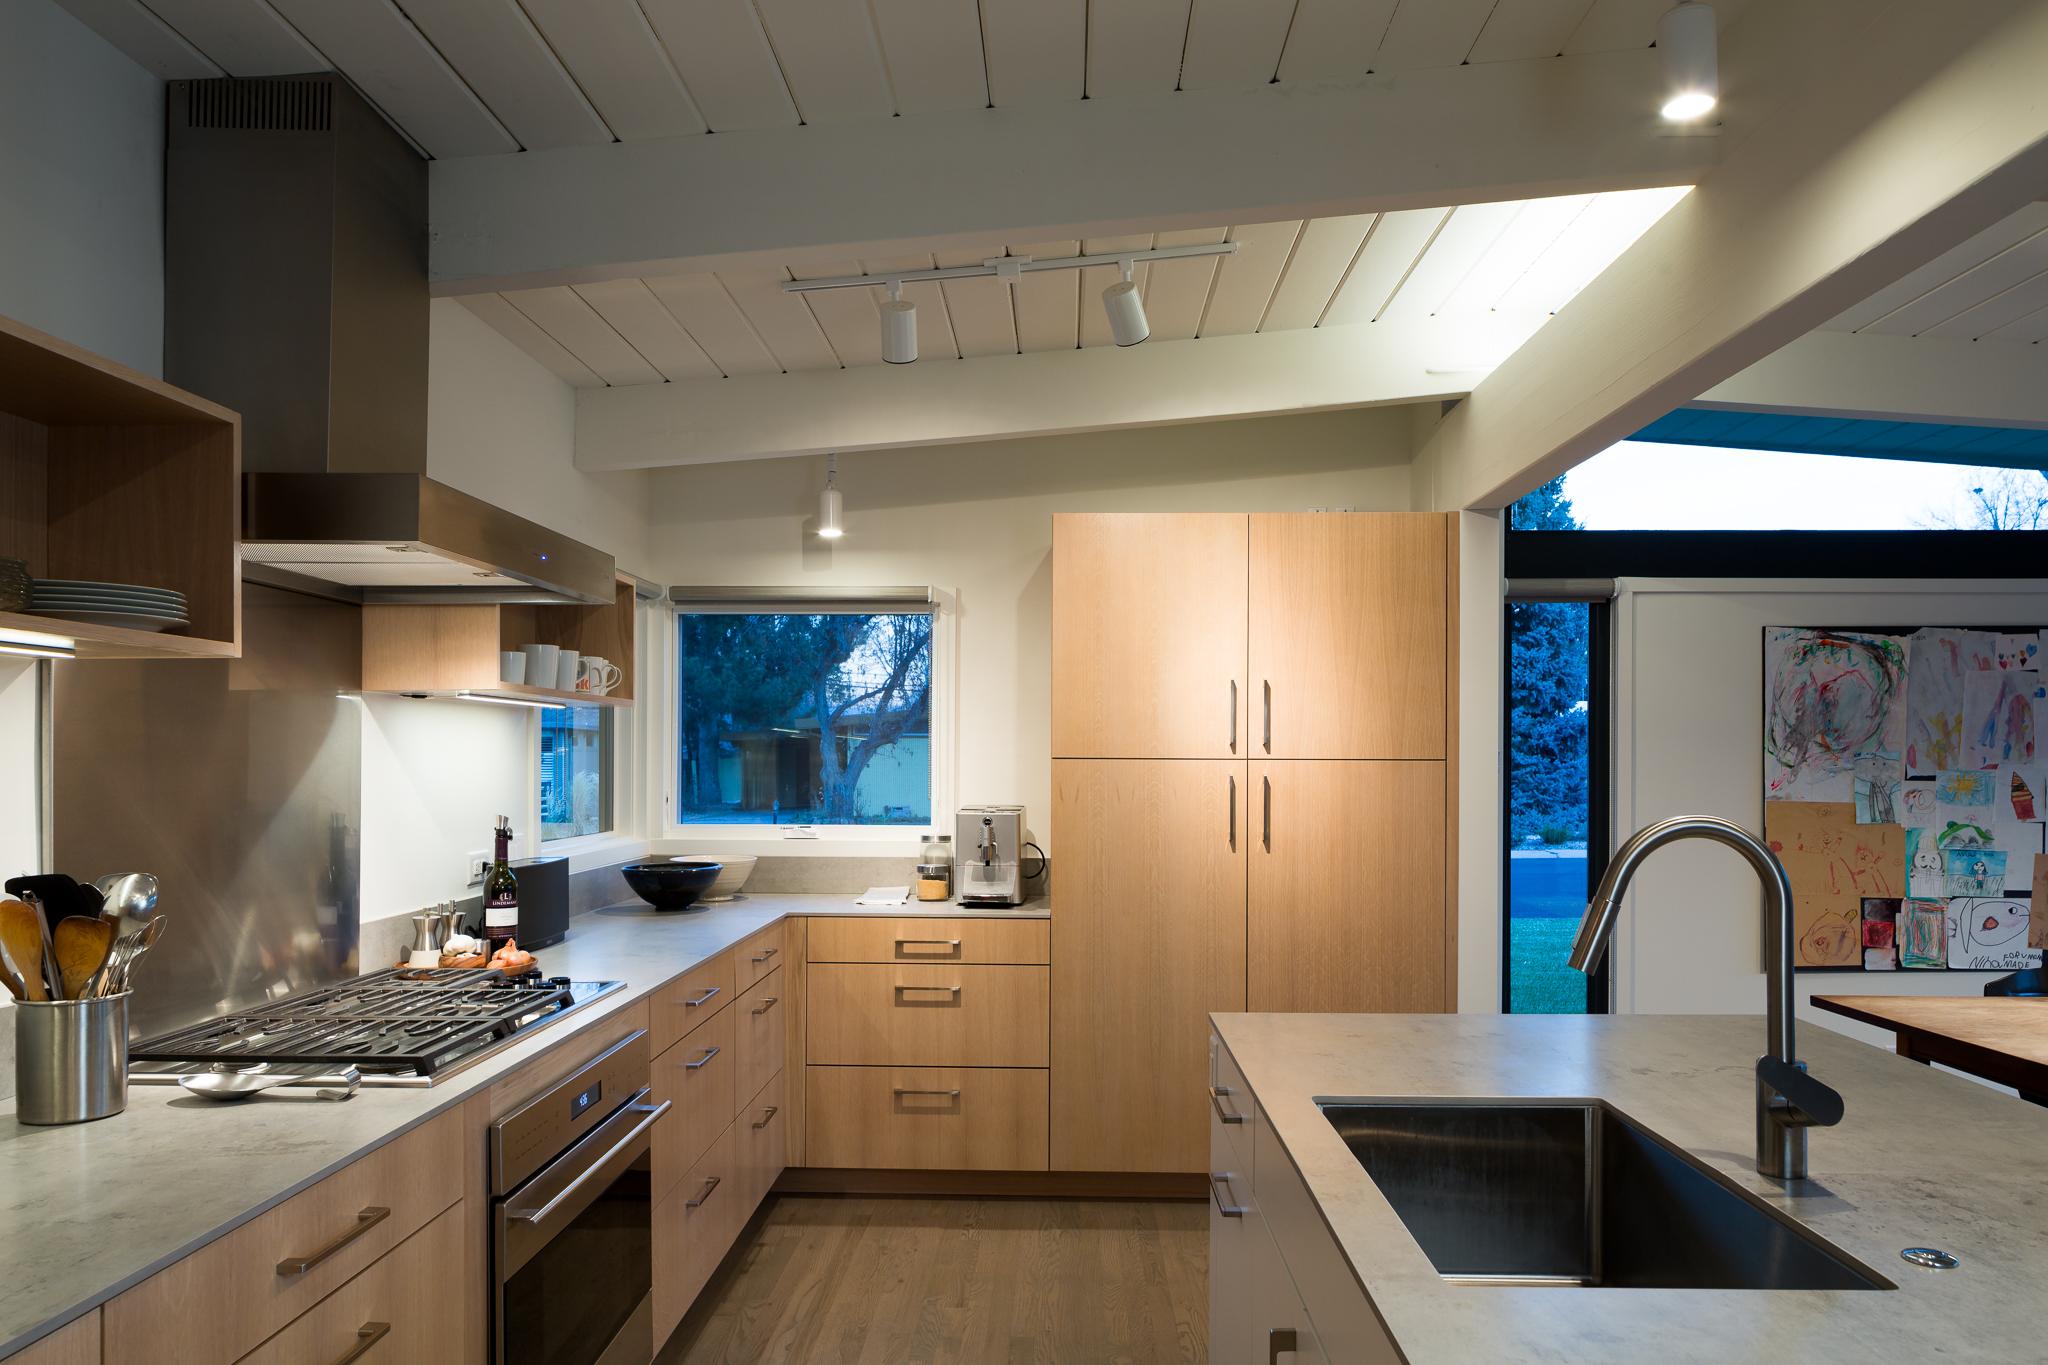 36_SFairfax-Finished-kitchen-9_WEB_XL.jpg